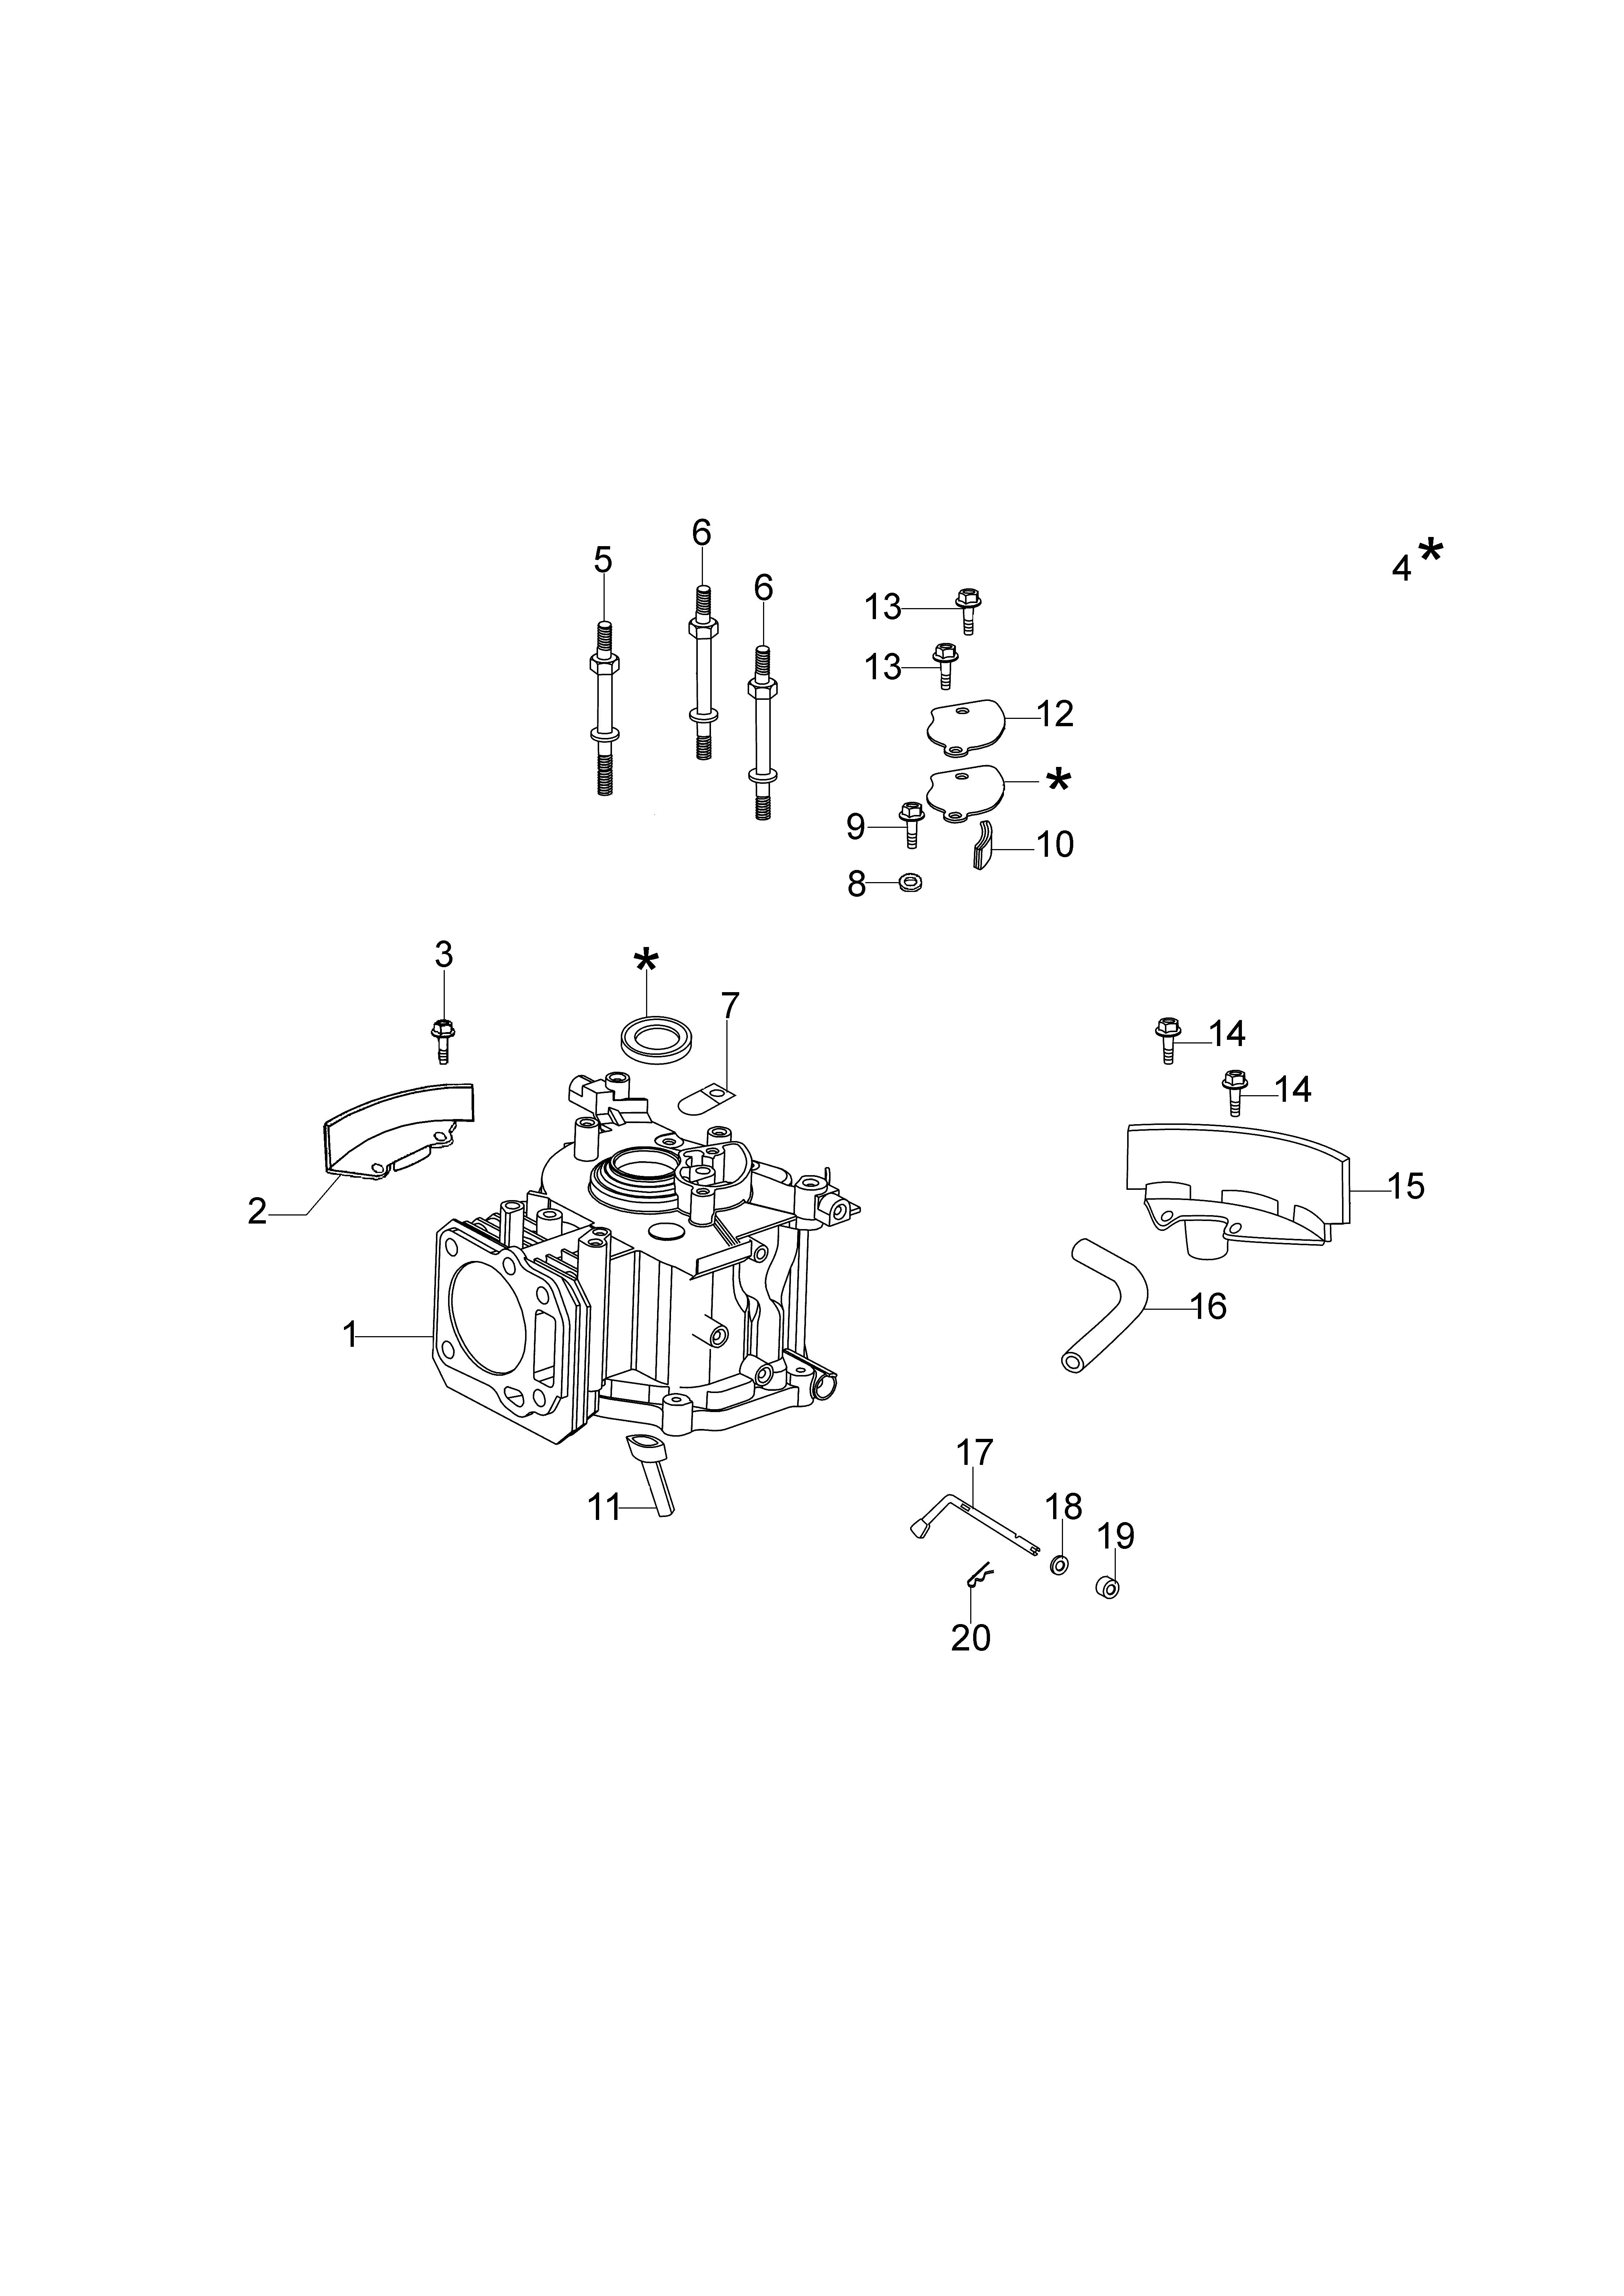 MOTEUR K40 emak Dessins pièces - Cylindre et soubassement